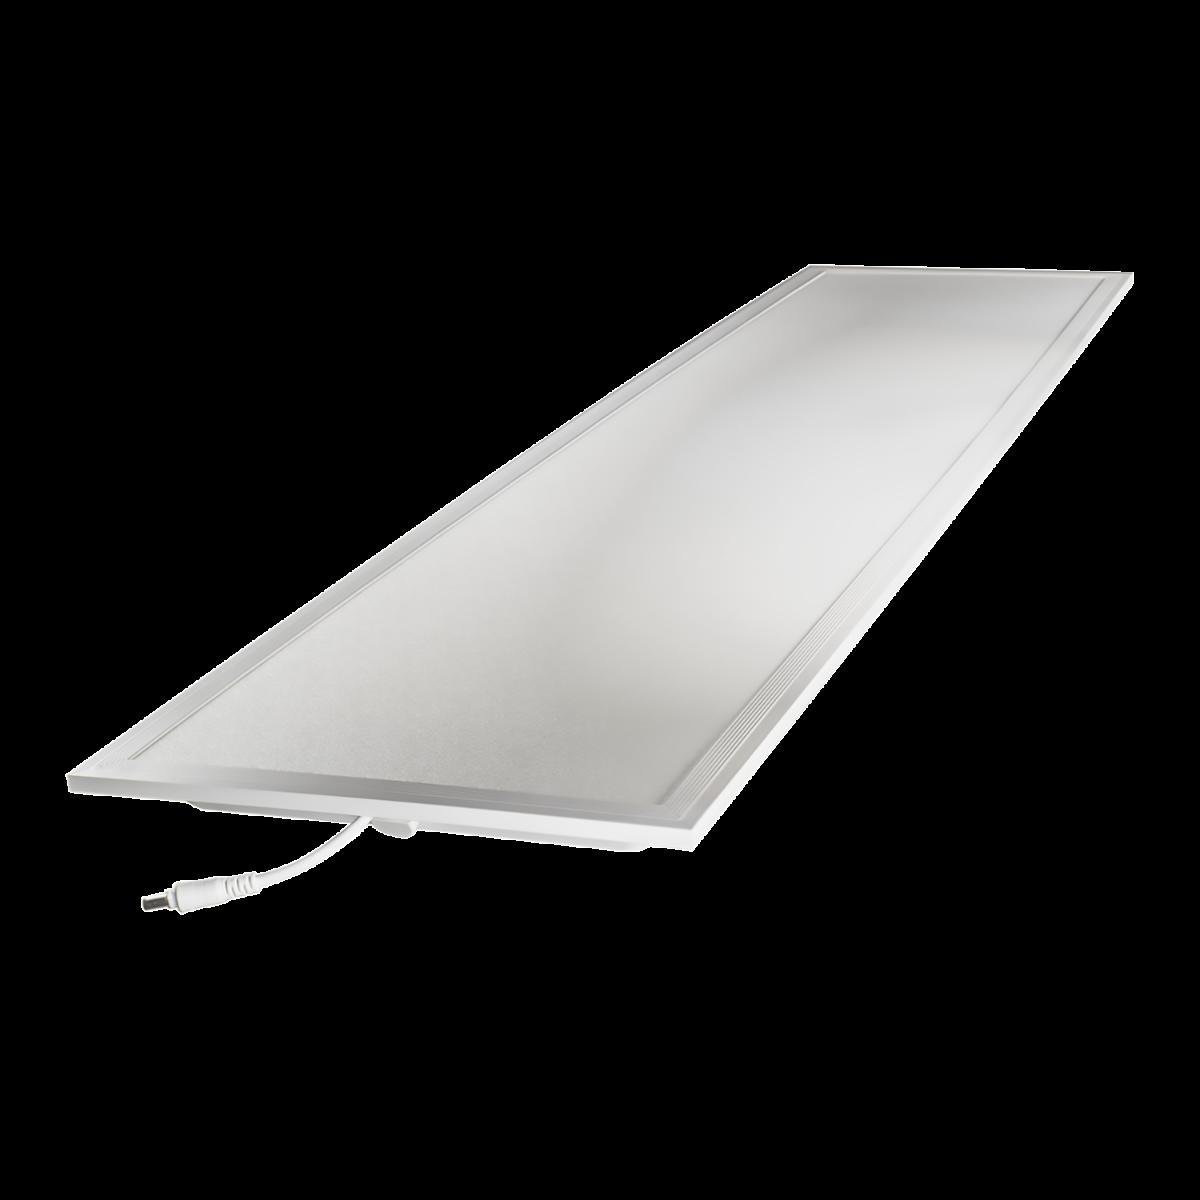 Noxion LED Paneeli Delta Pro Highlum V2.0 40W 30x120cm 3000K 5280lm UGR <19 | Lämmin Valkoinen - Korvaa 2x36W